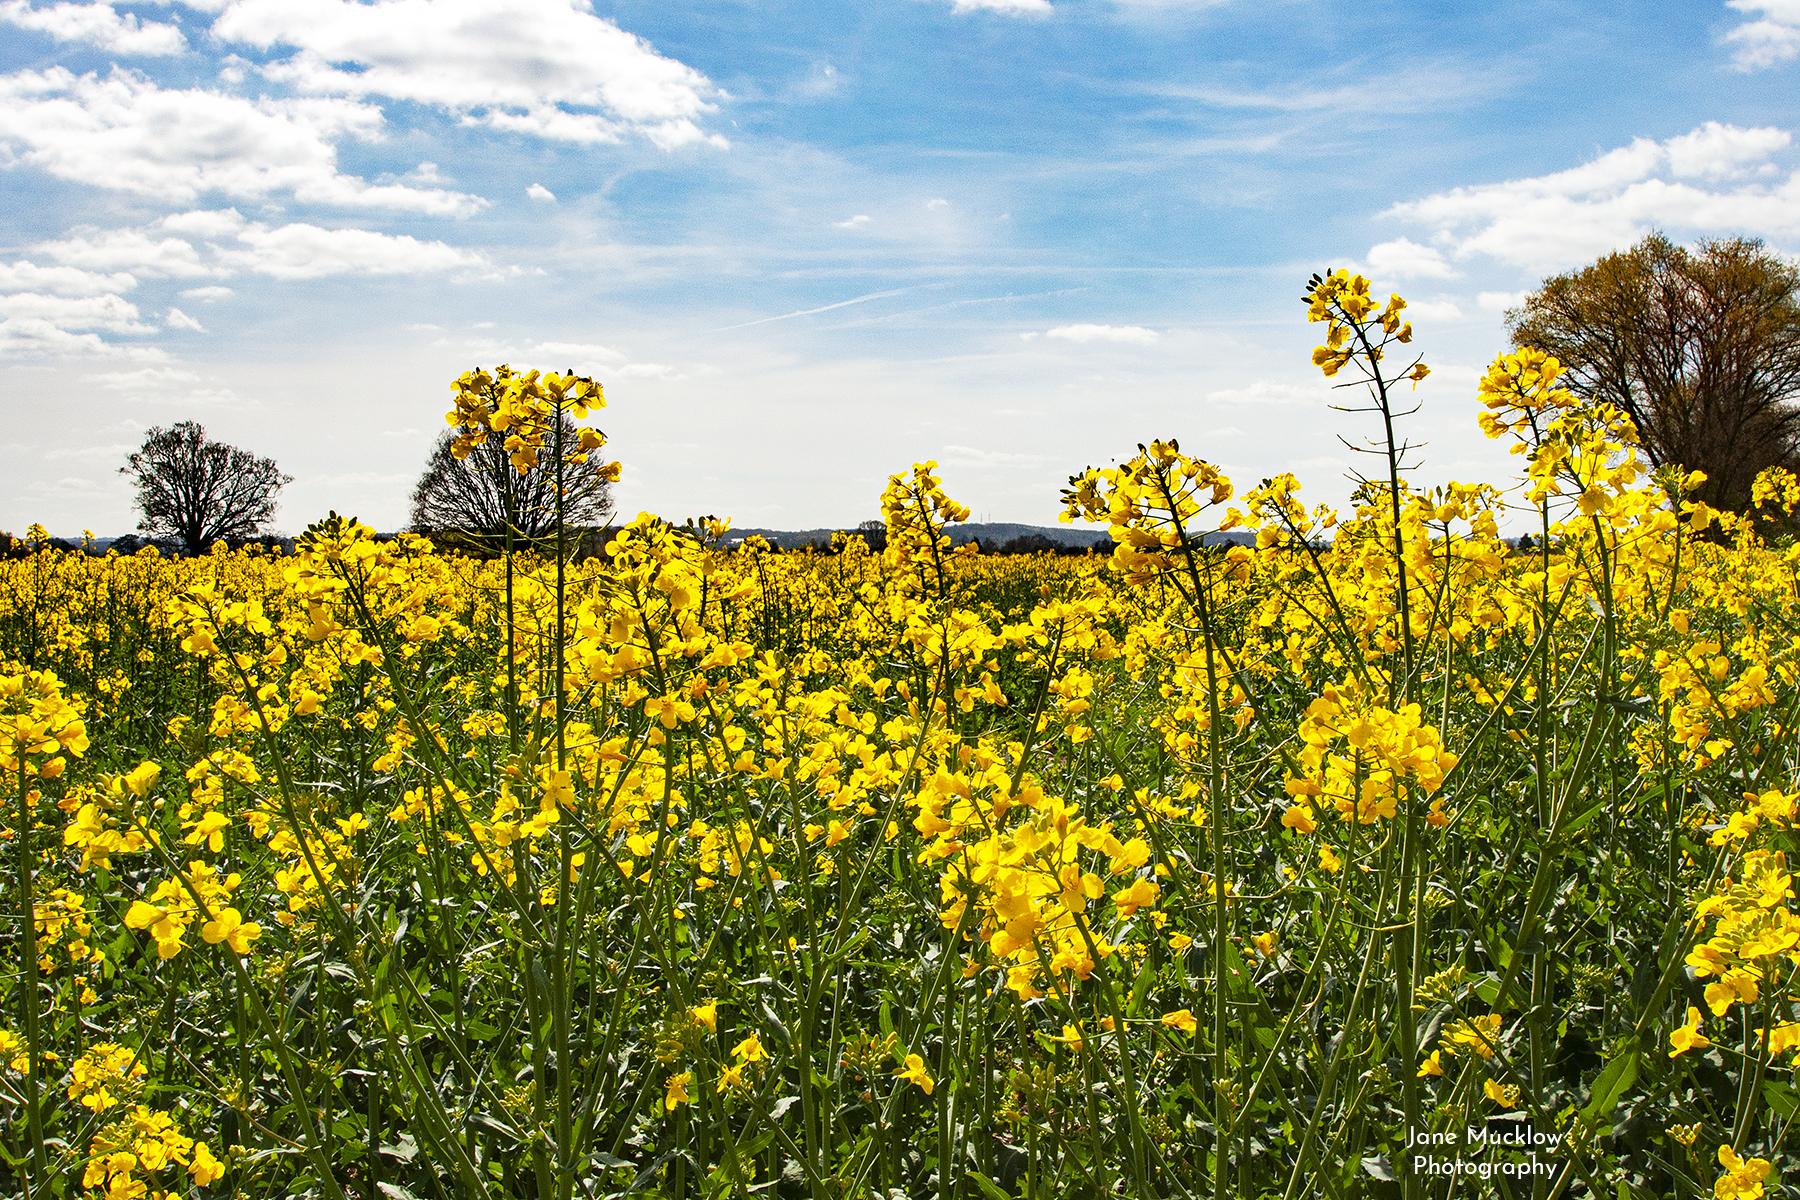 Photo by Jane Mucklow of an oilseed rape field in bloom, looking towards Tonbridge